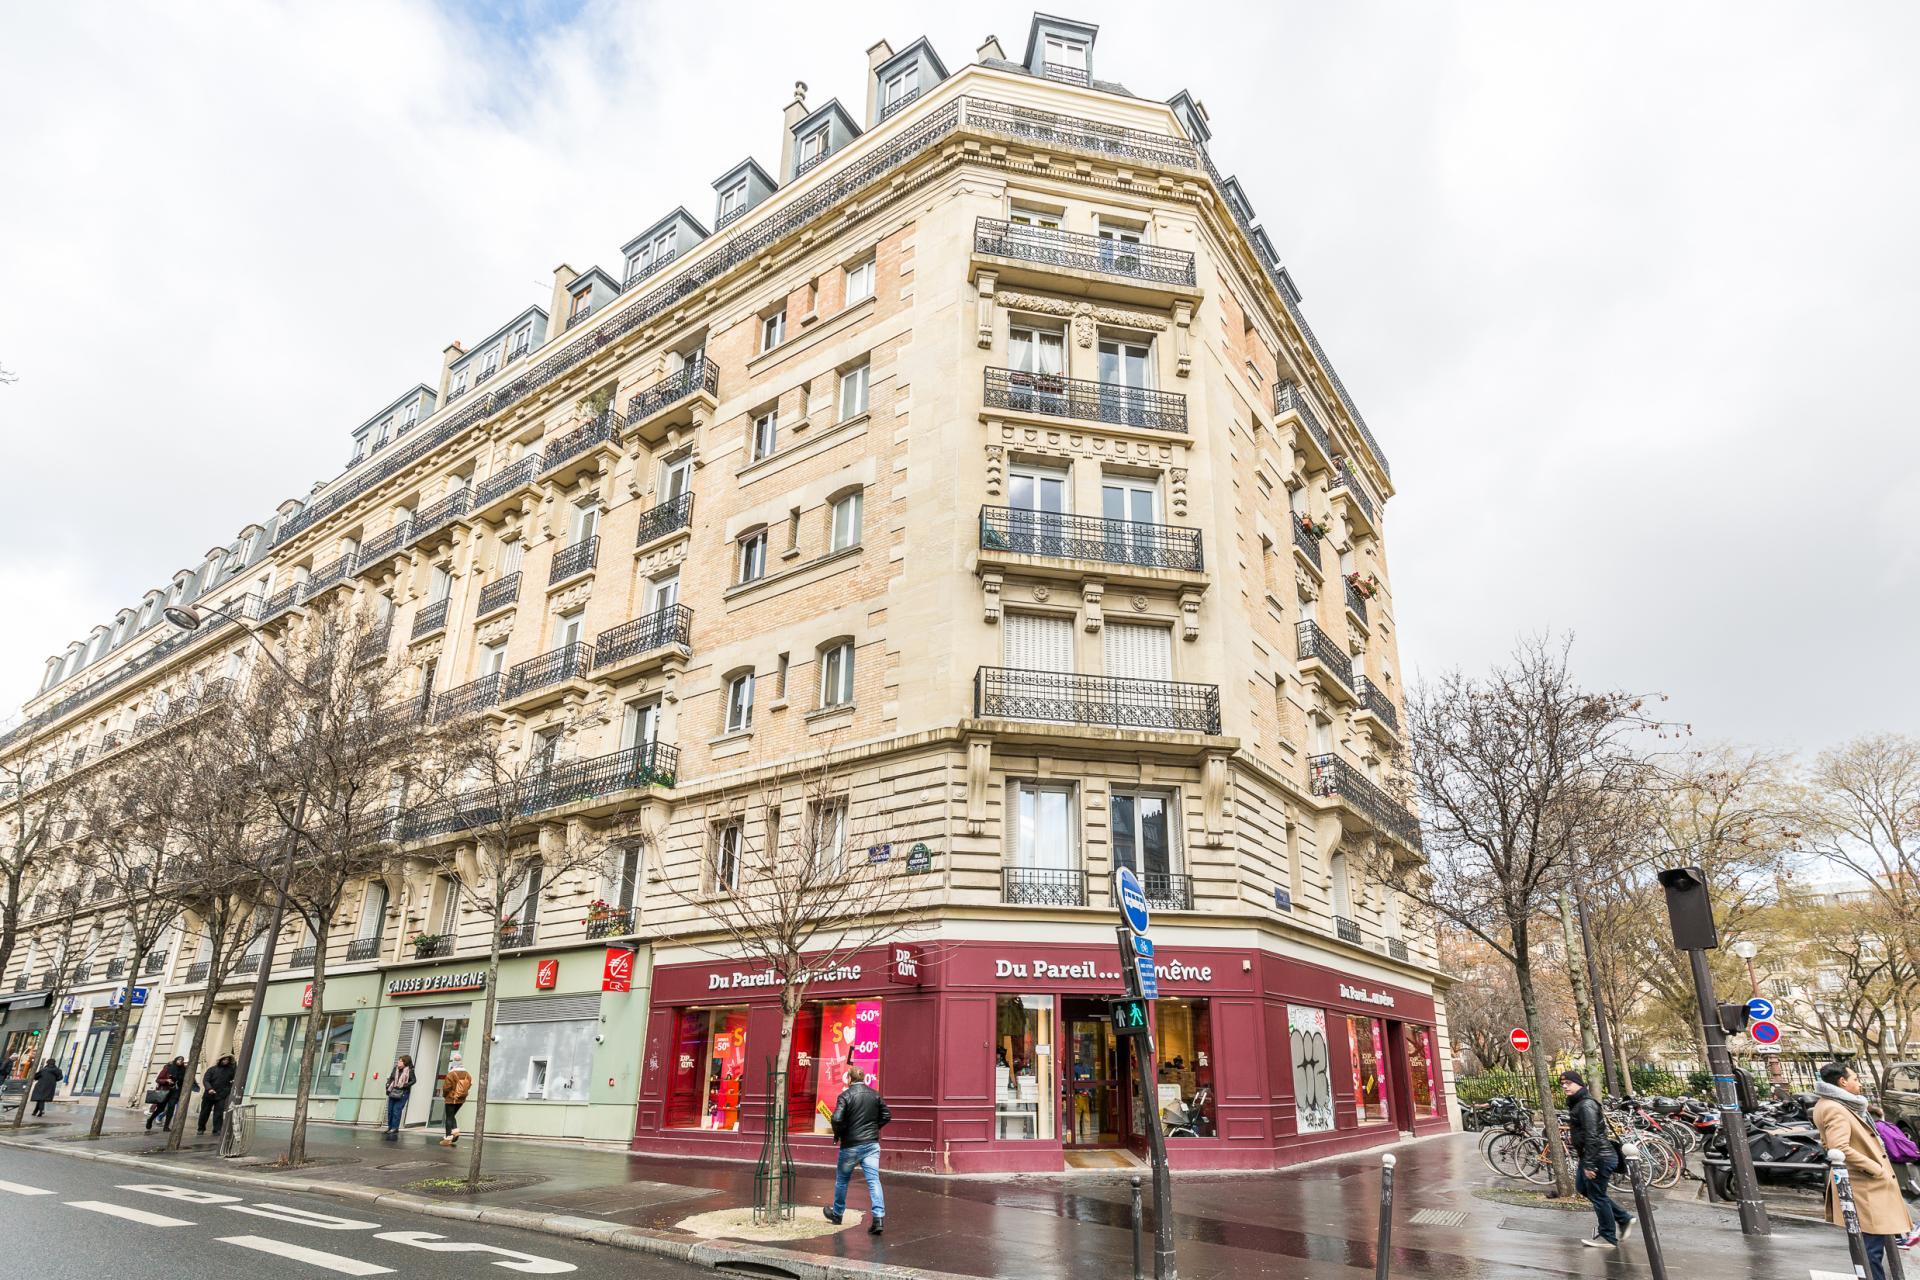 PARIS 18EME - MAIRIE DU 18EME / RUE ORDENER - APPARTEMENT FAMILIAL 3 CHAMBRES